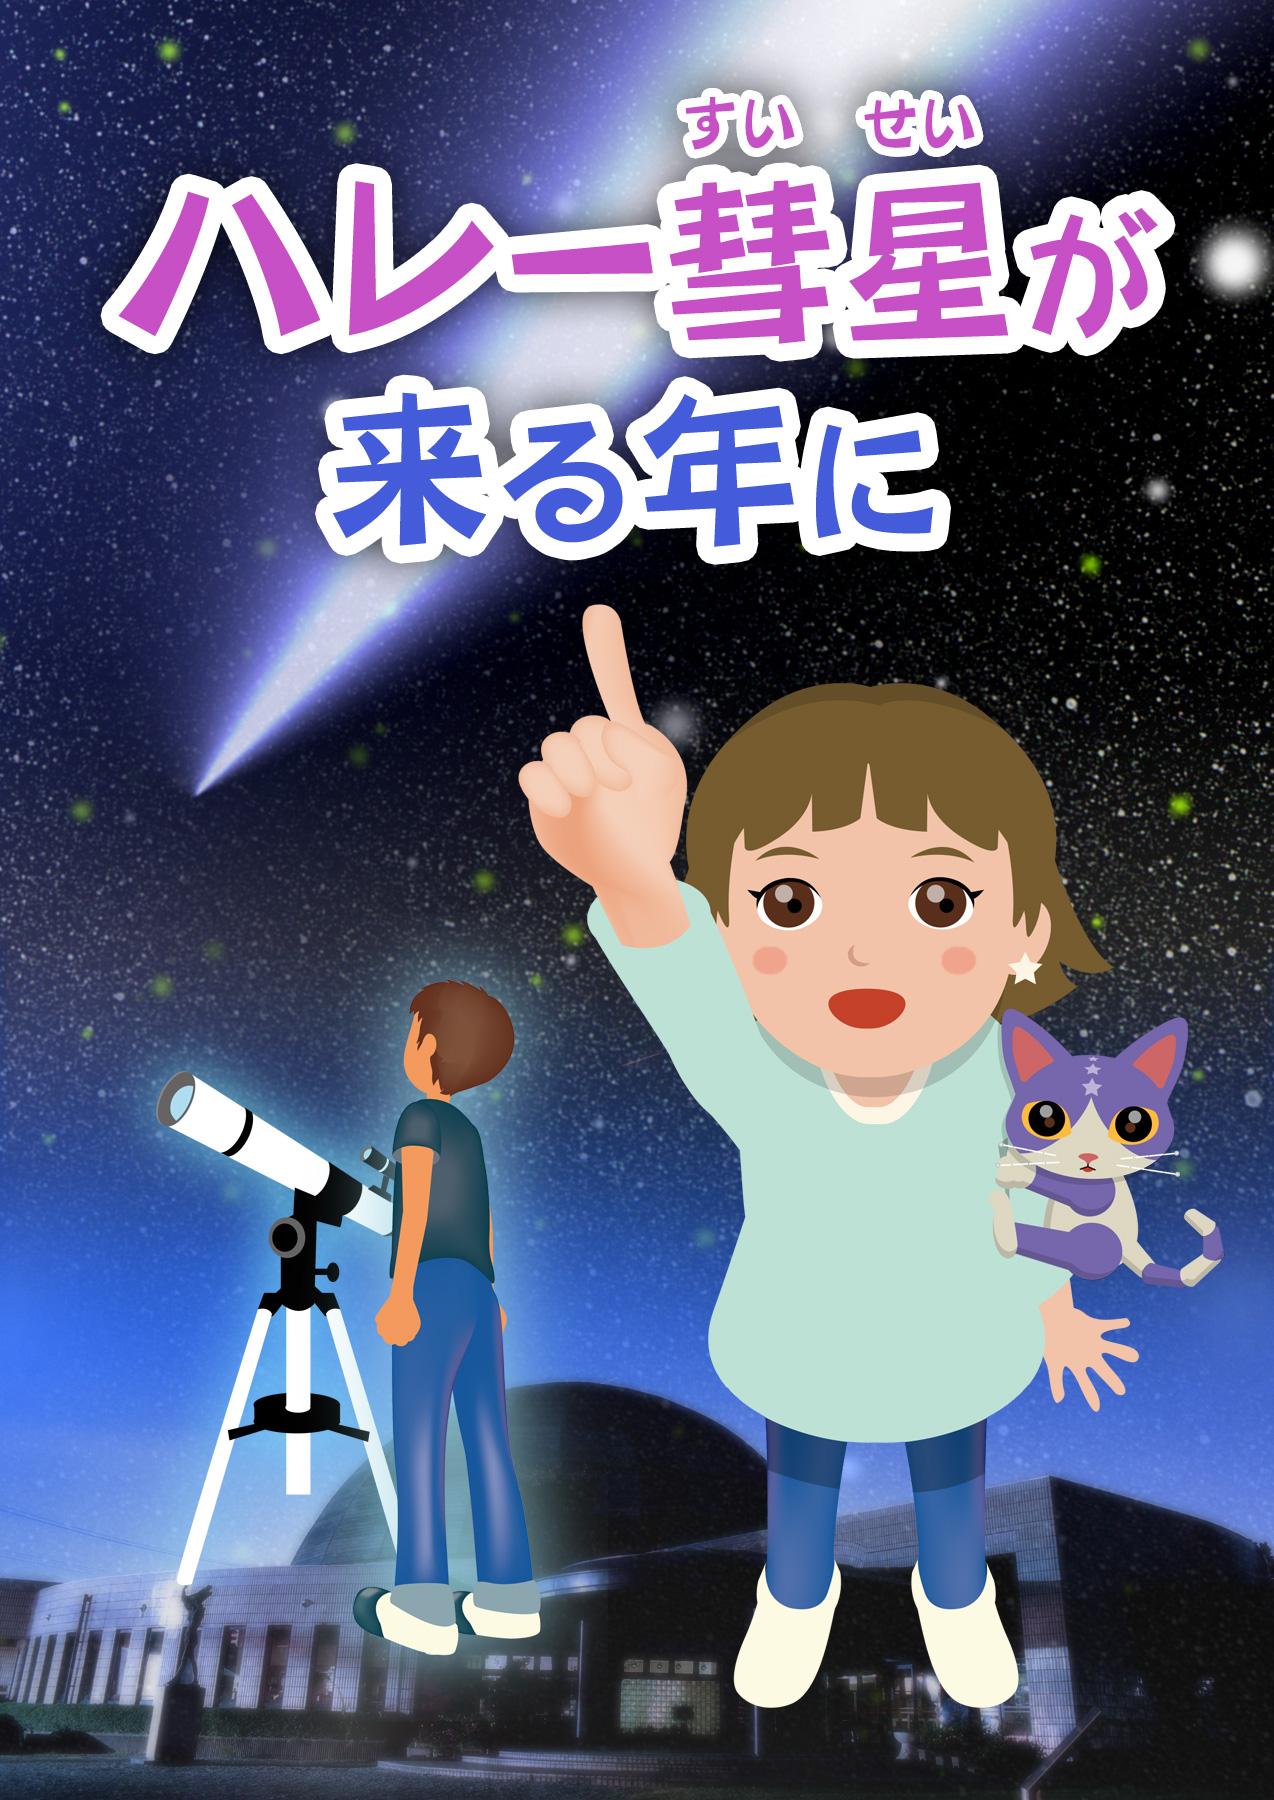 プラネタリウムオリジナル番組「ハレー彗星が来る年に」